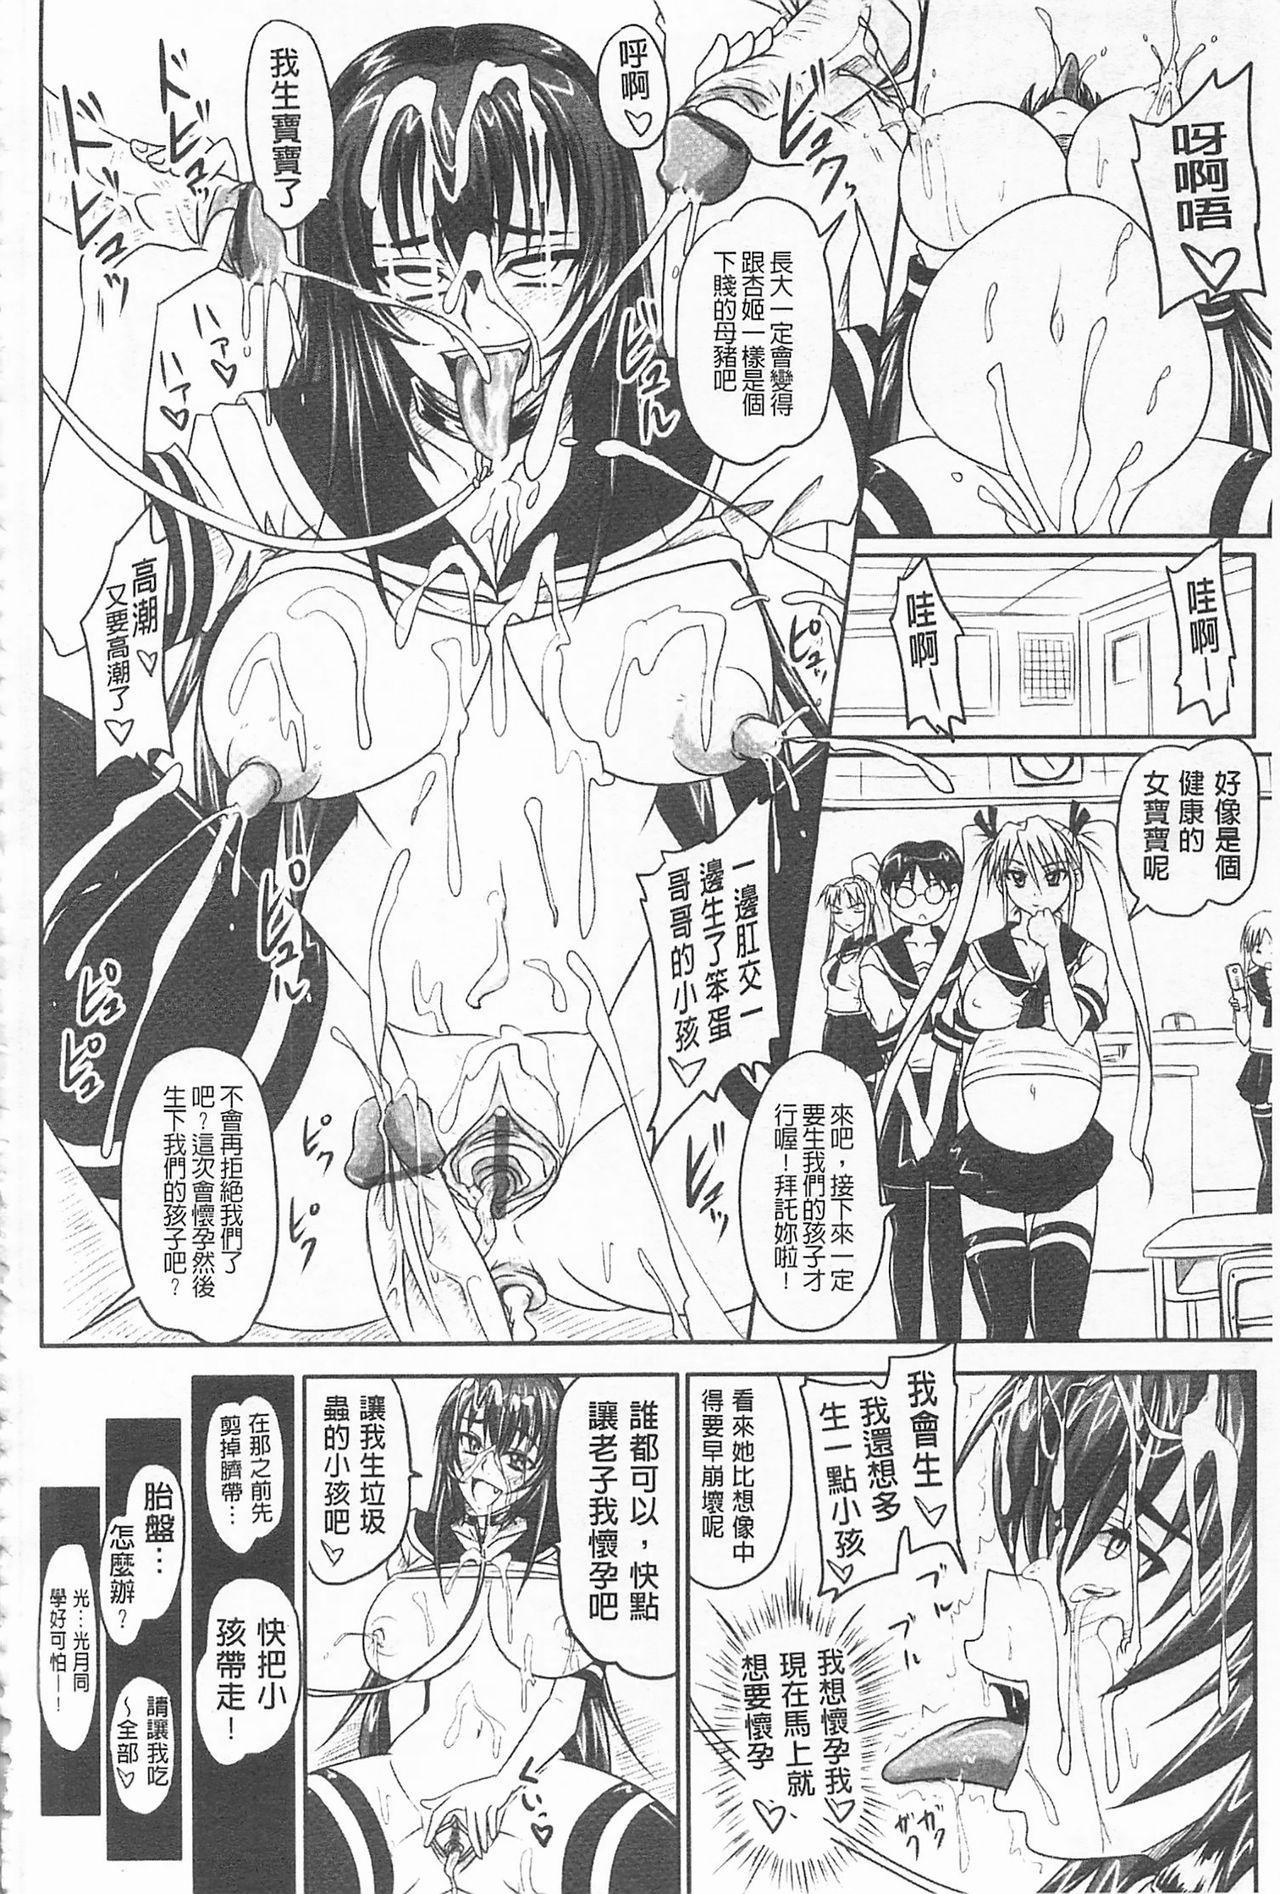 [Nozarashi Satoru] Do S na Hime wa Kegasareru -Inga no Shou- | 超S的公主被玷汙了 ~因果之章~ [Chinese] 176